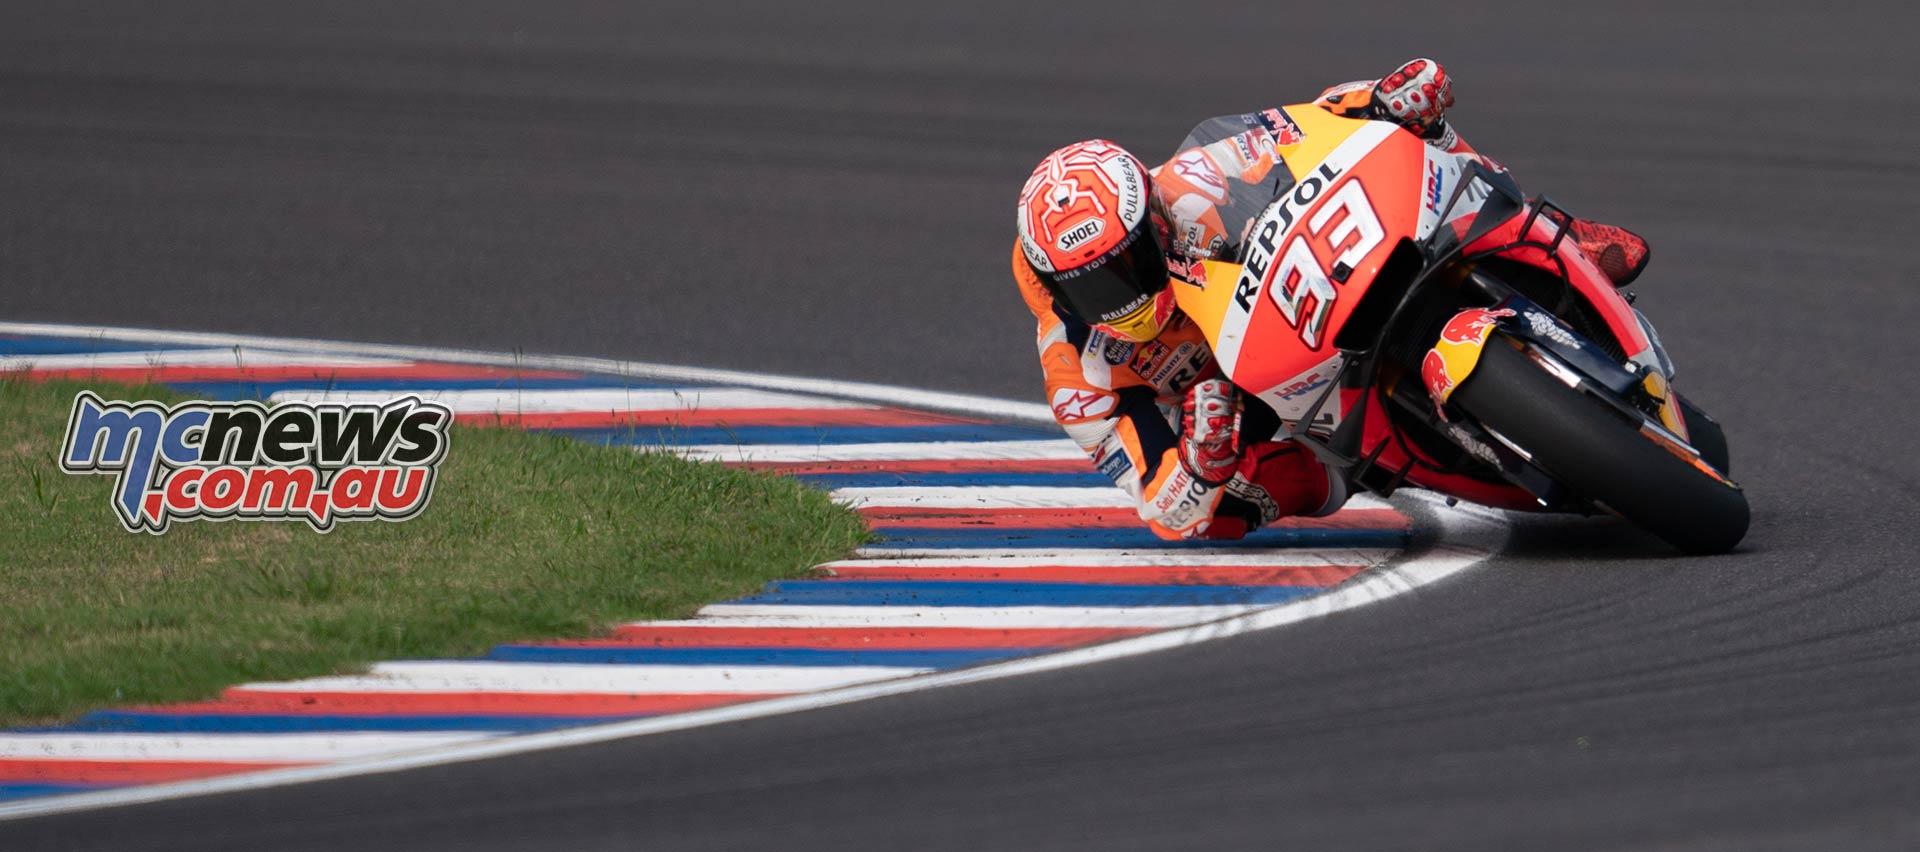 MotoGP Rnd Argentina Marc Marquez